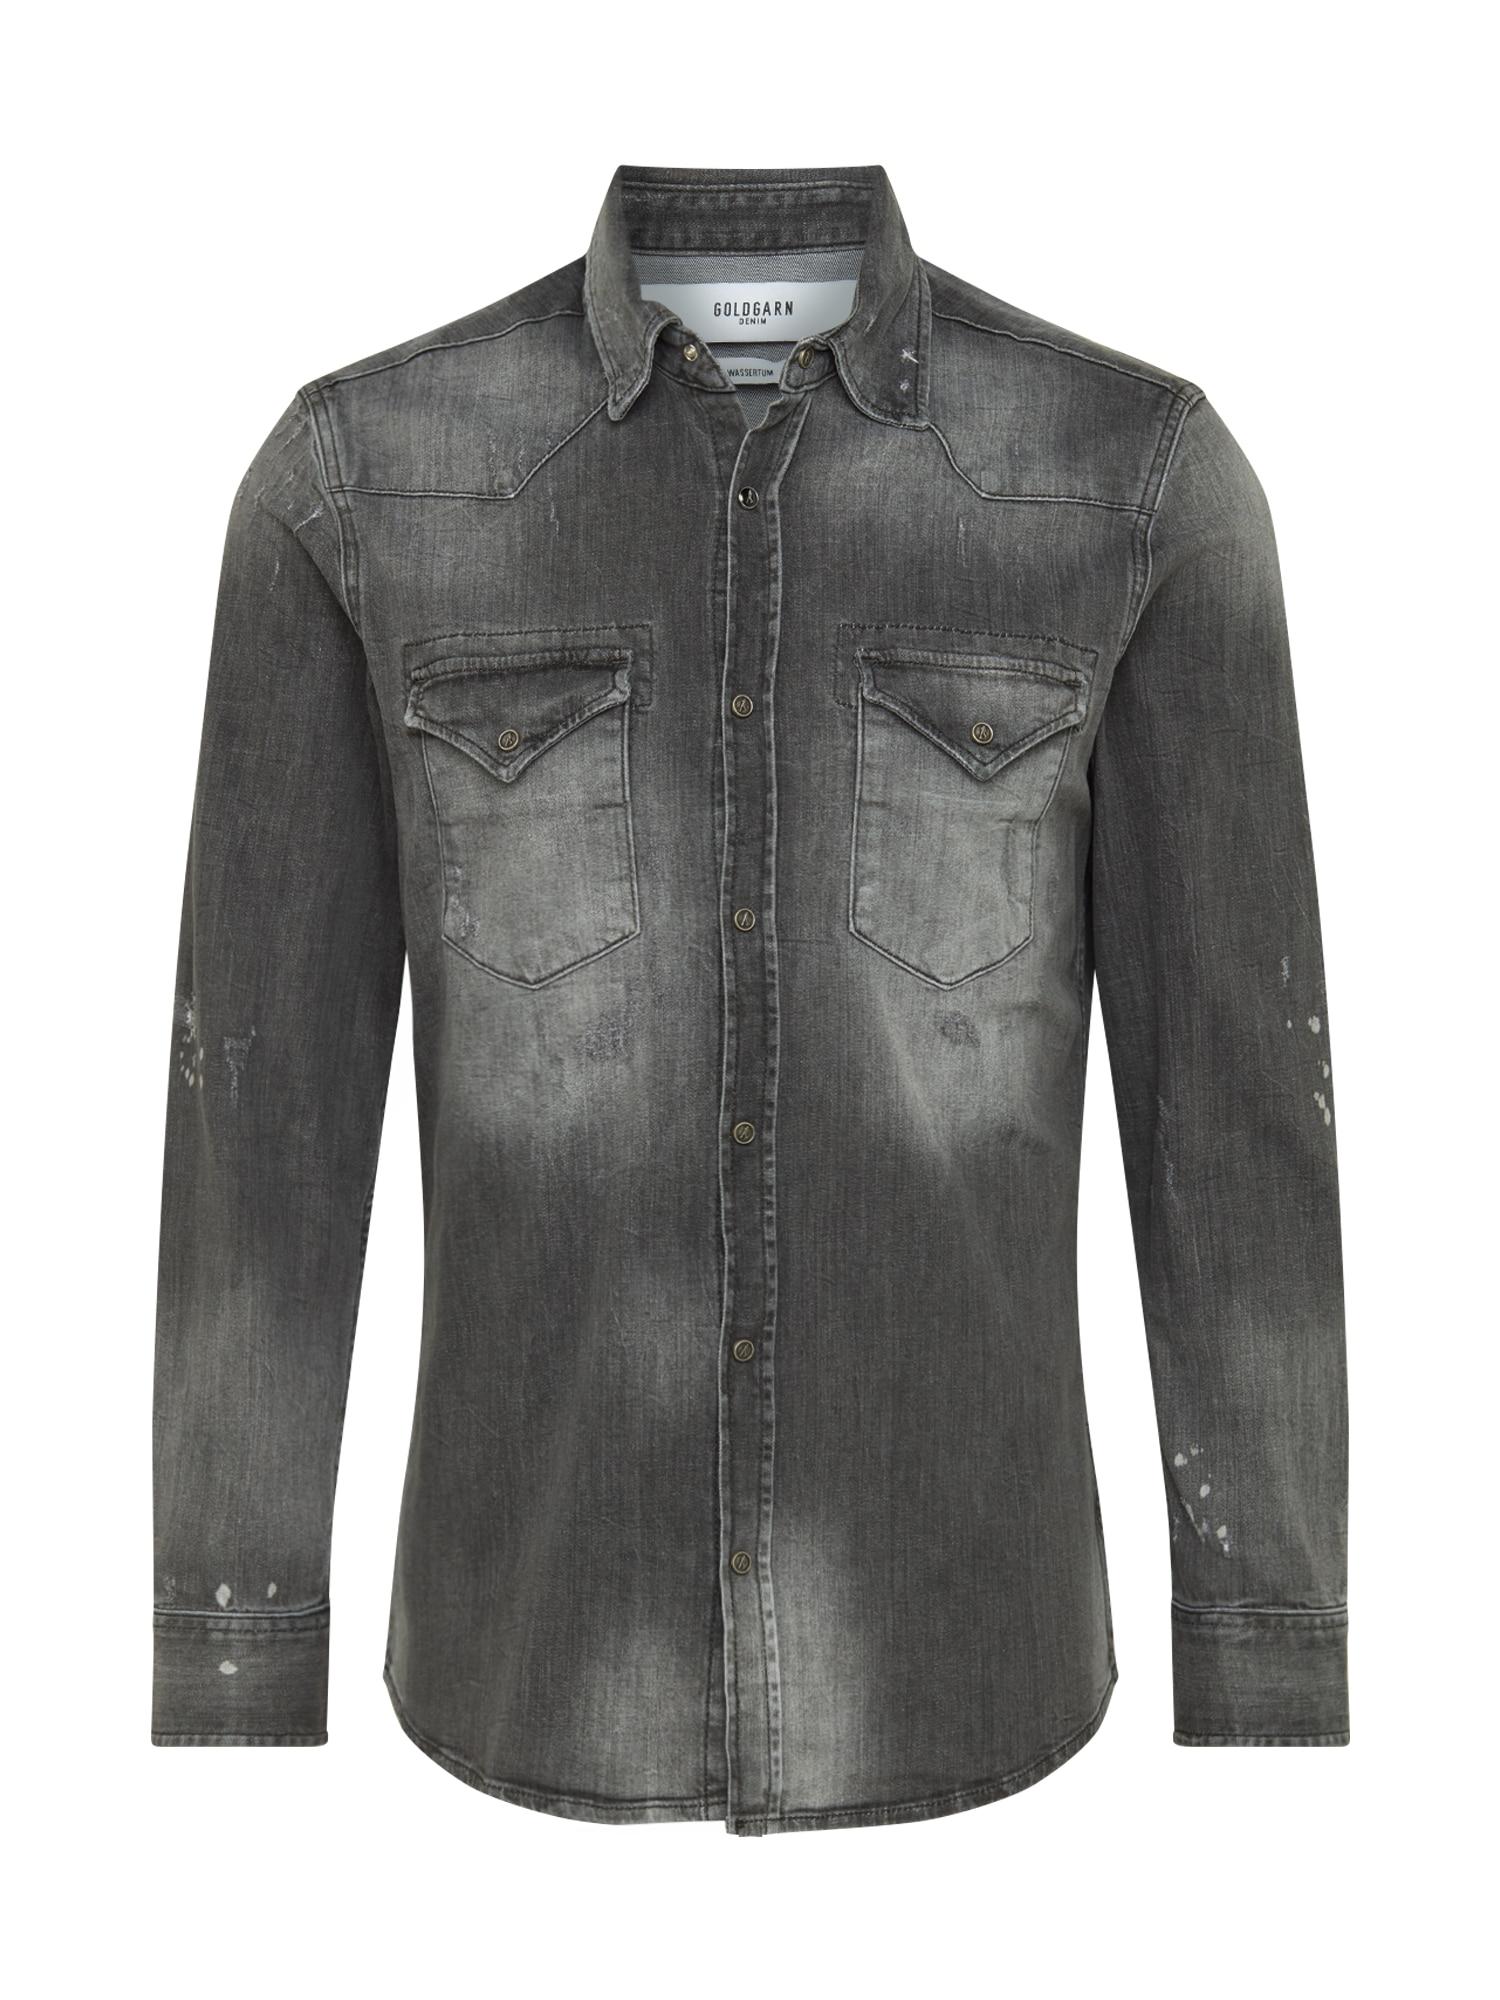 Goldgarn Marškiniai